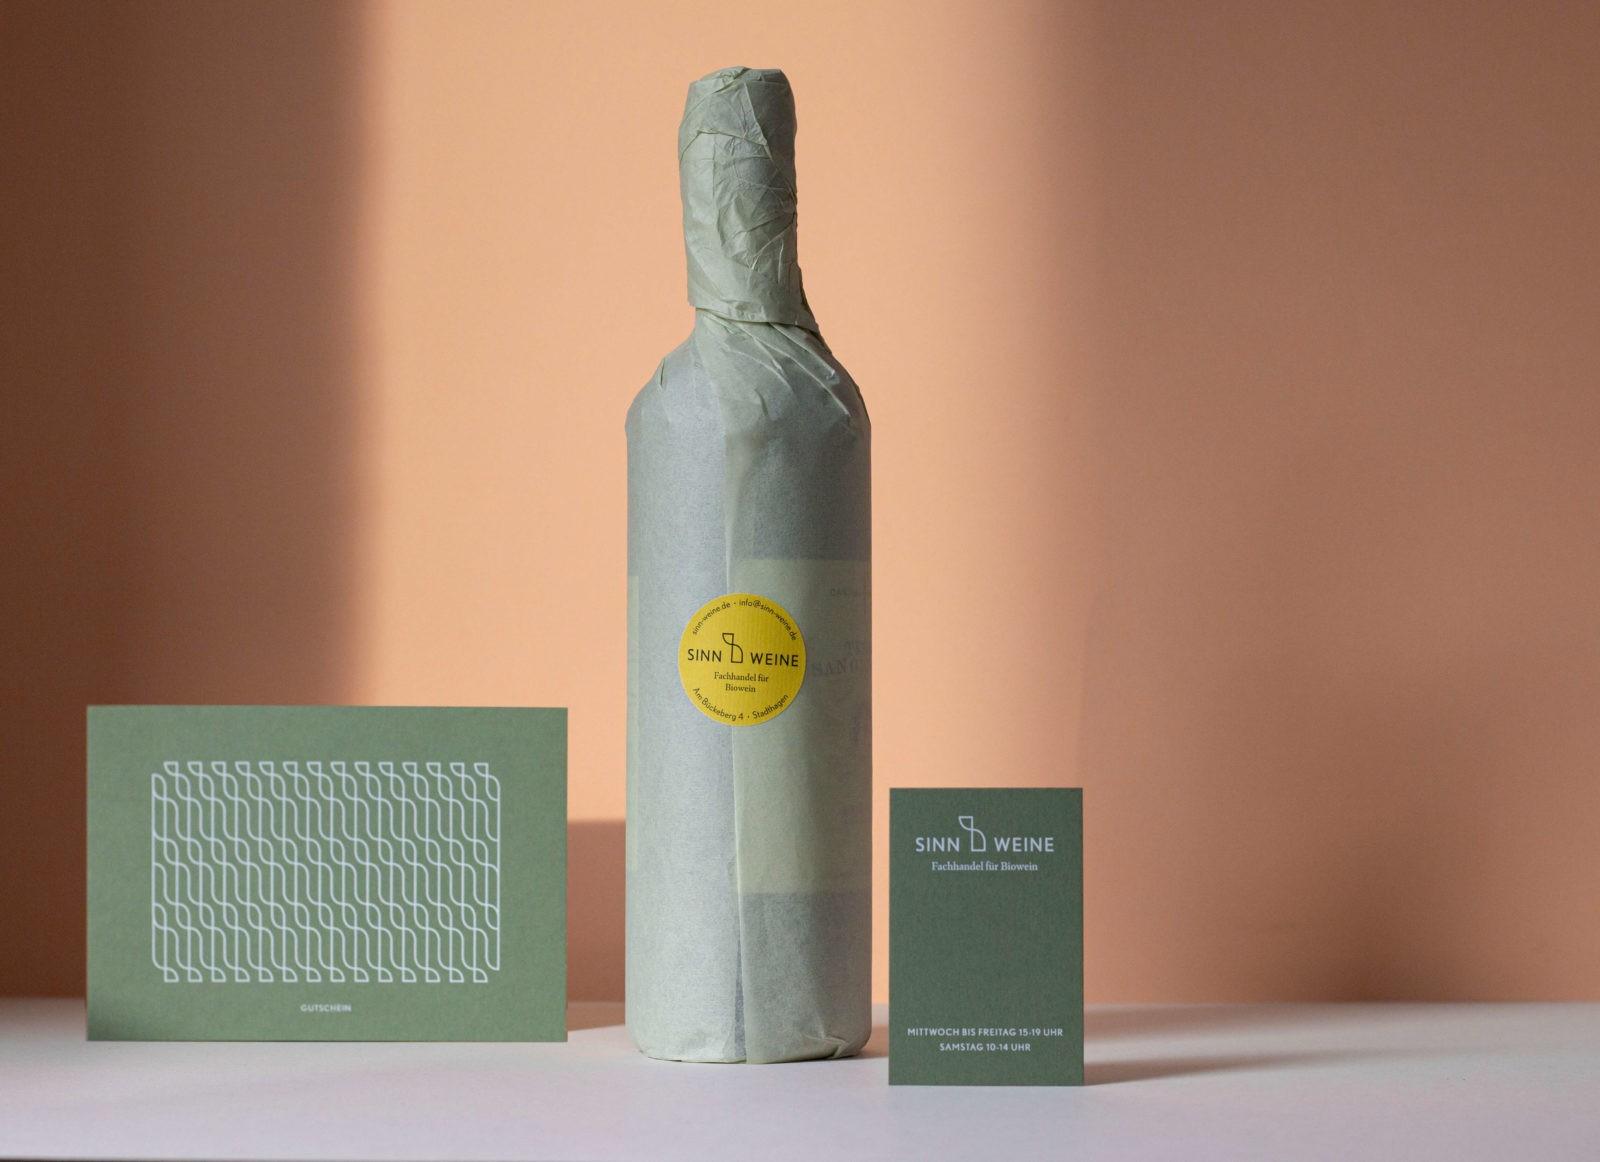 Sinn_Weine_Gutschein-Flasche-Visitenkarte